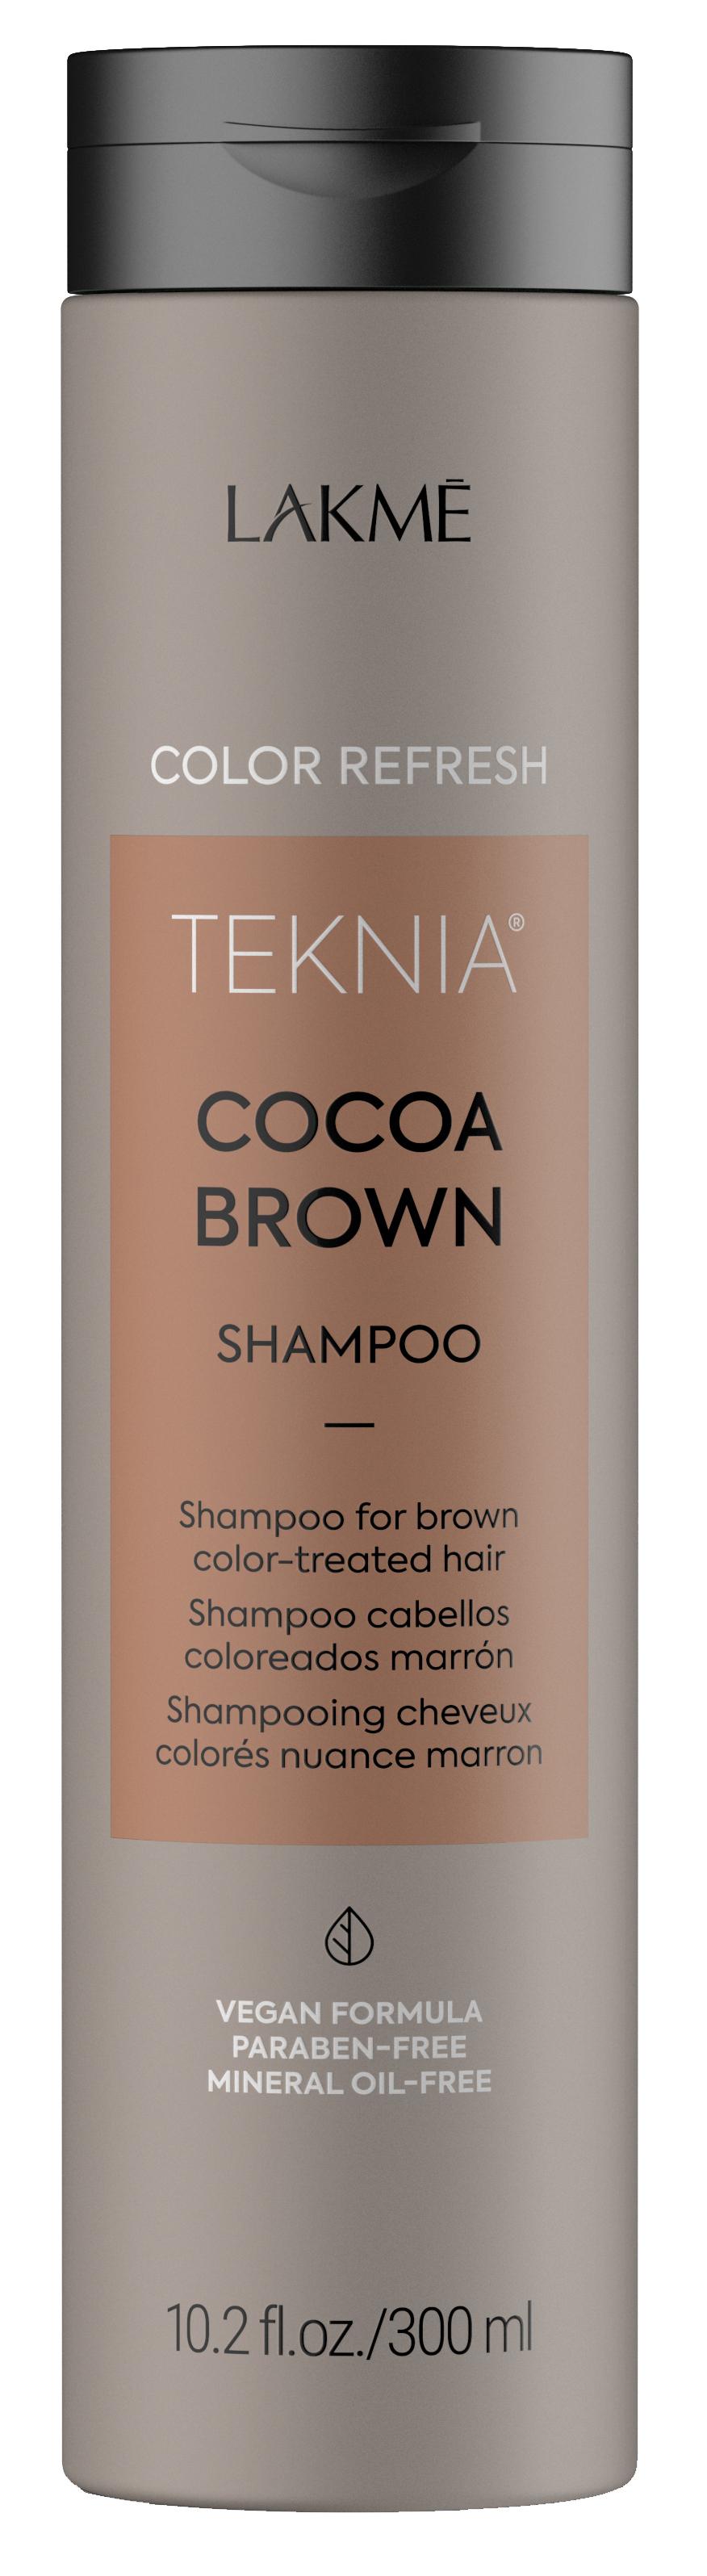 Купить LAKME Шампунь для обновления цвета коричневых оттенков волос / REFRESH COCOA BROWN SHAMPOO 300 мл